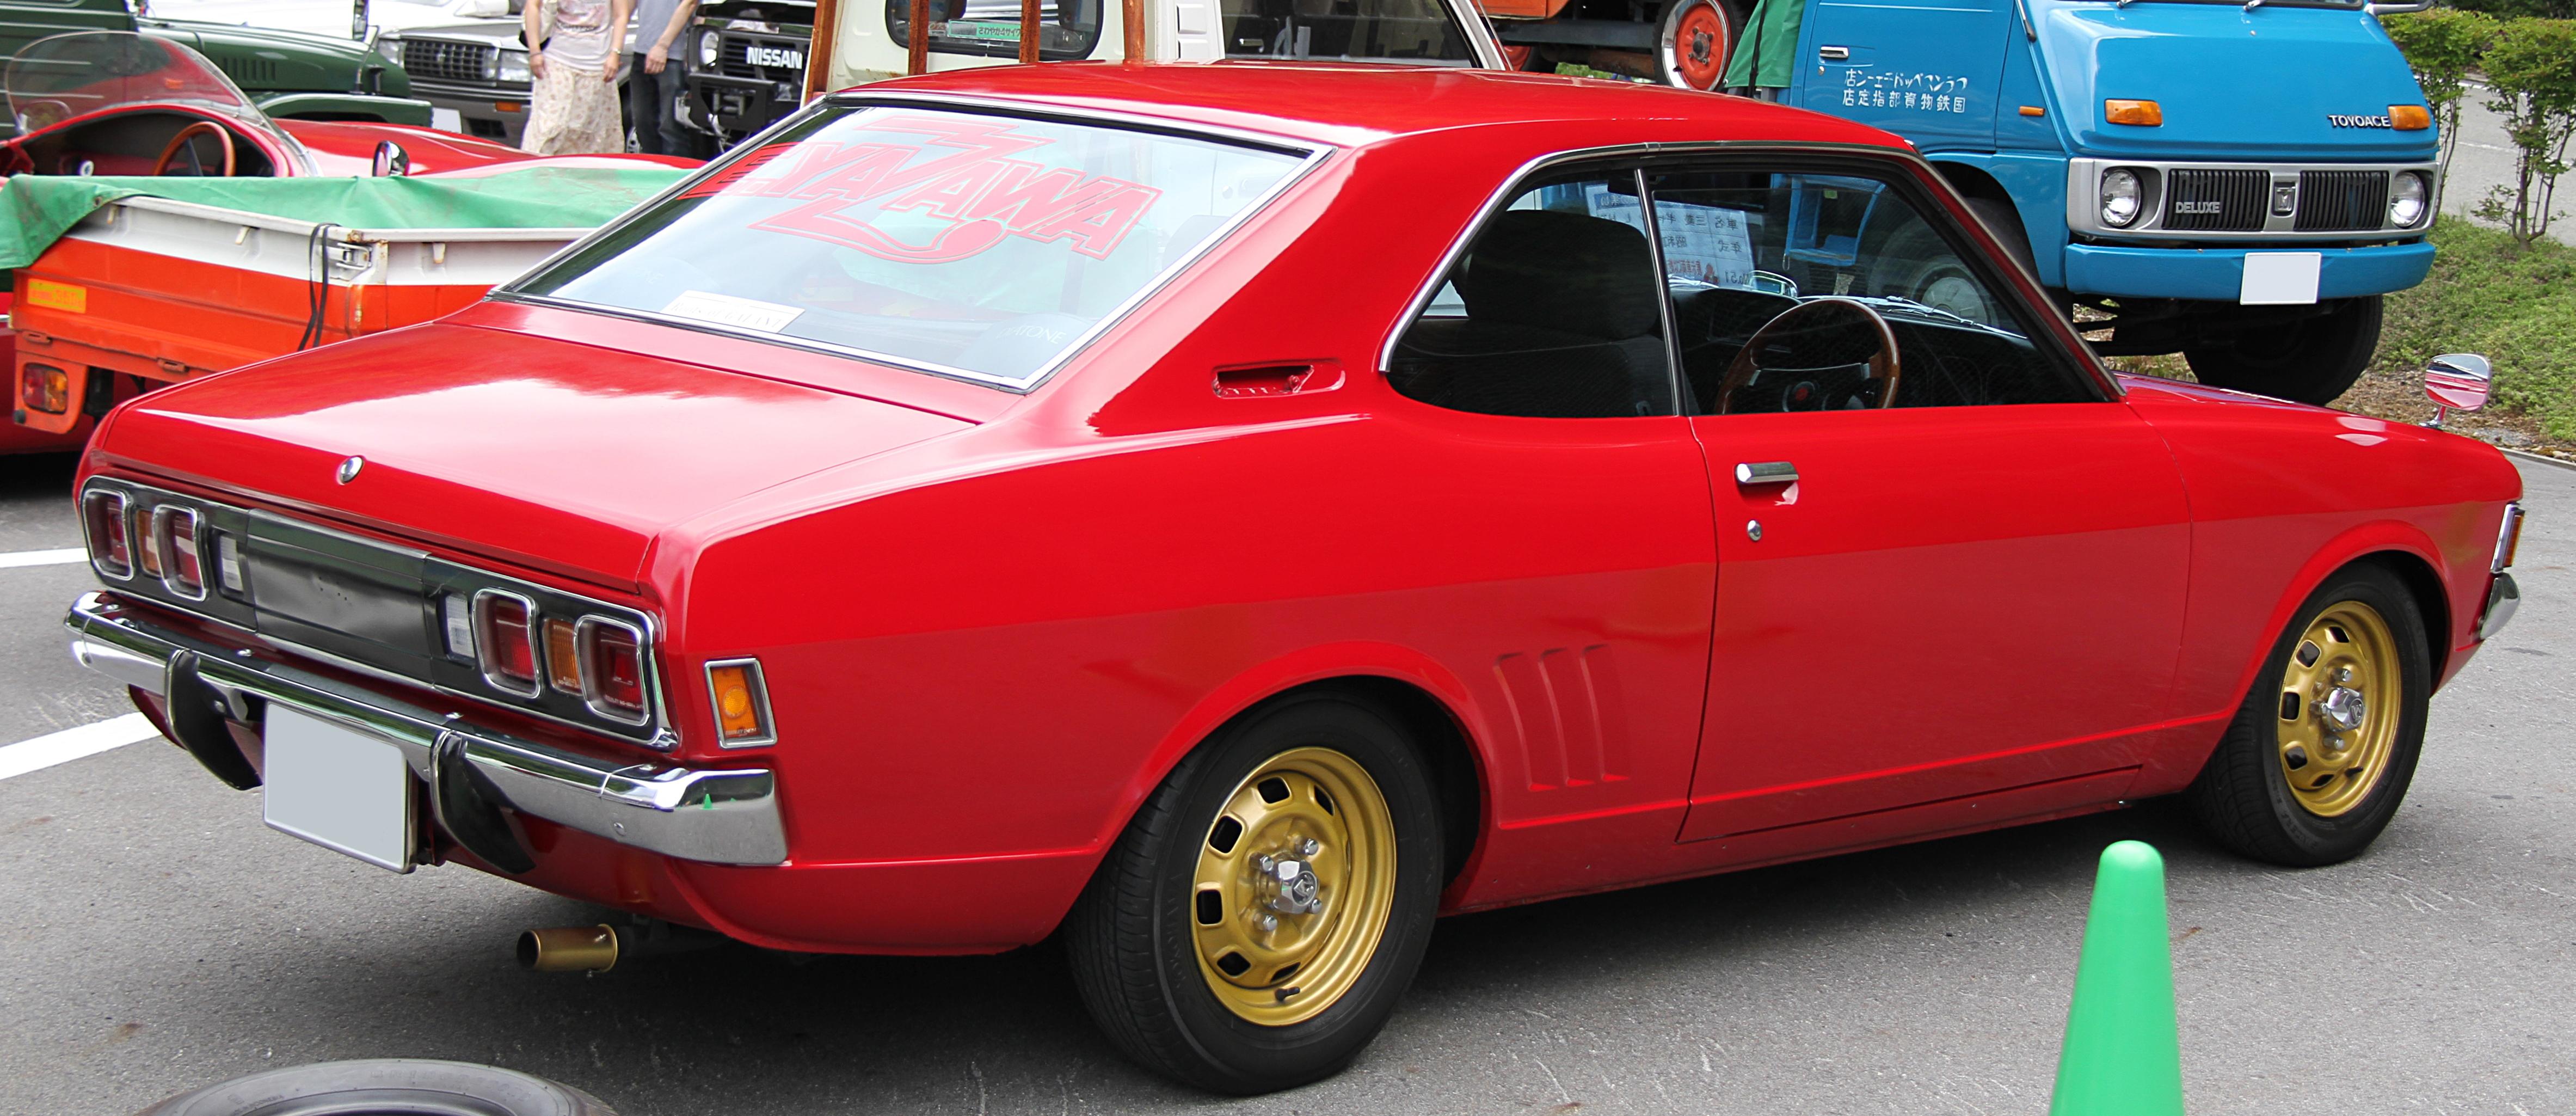 Mitsubishi_Colt_Galant_Hardtop_16L_rear.